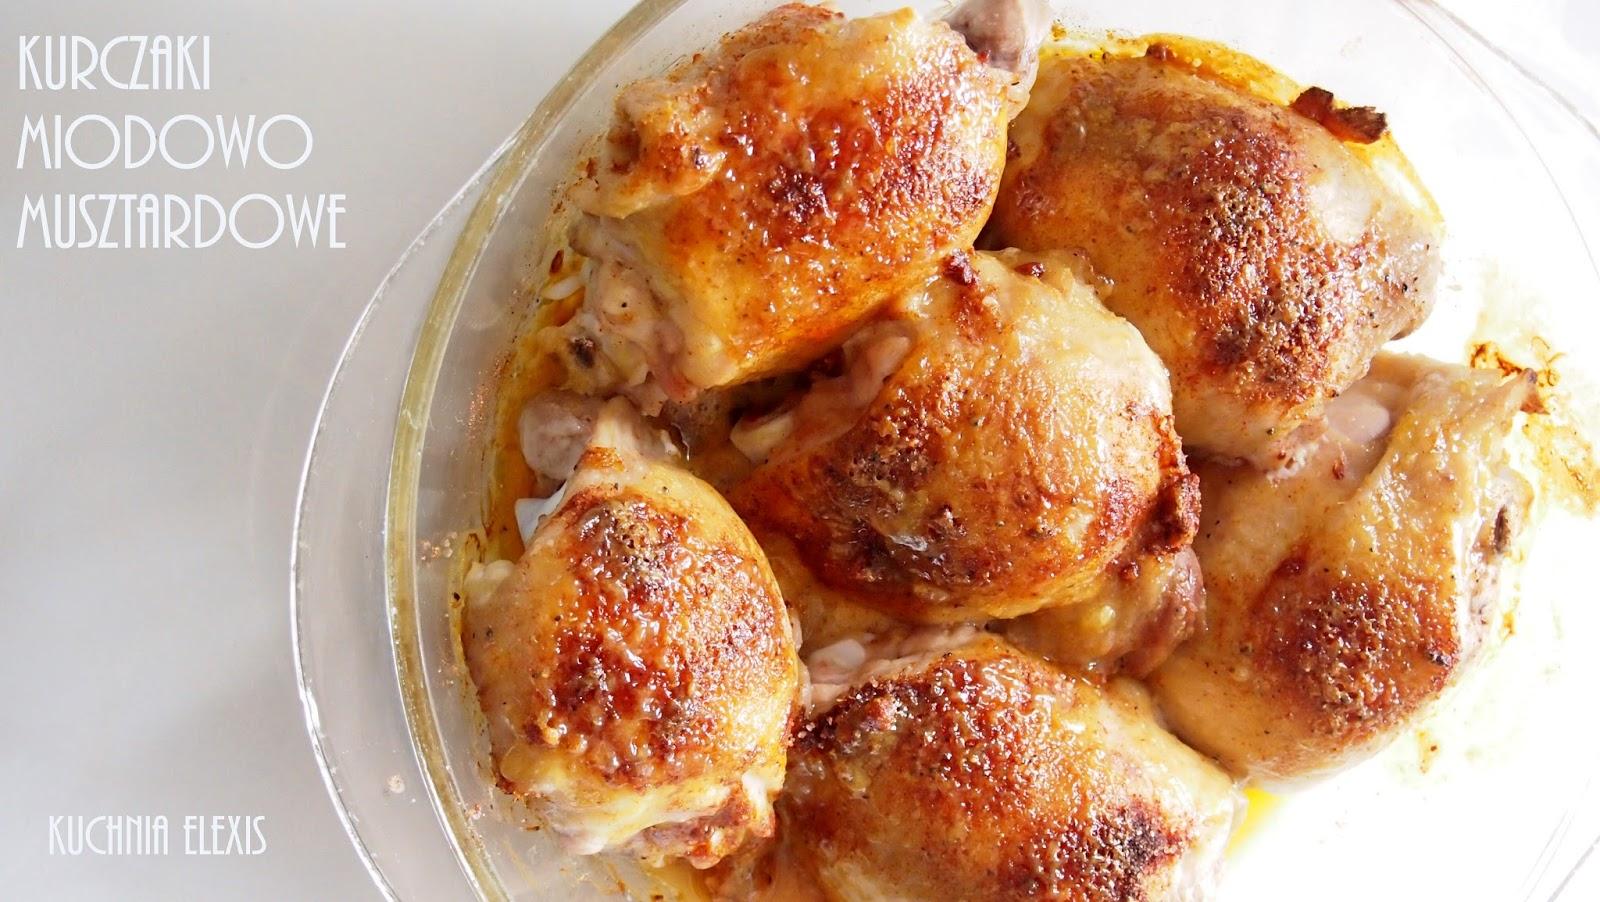 Przepis Na Soczyste Udka Z Kurczaka W Glazurze Miodowo Musztardowej